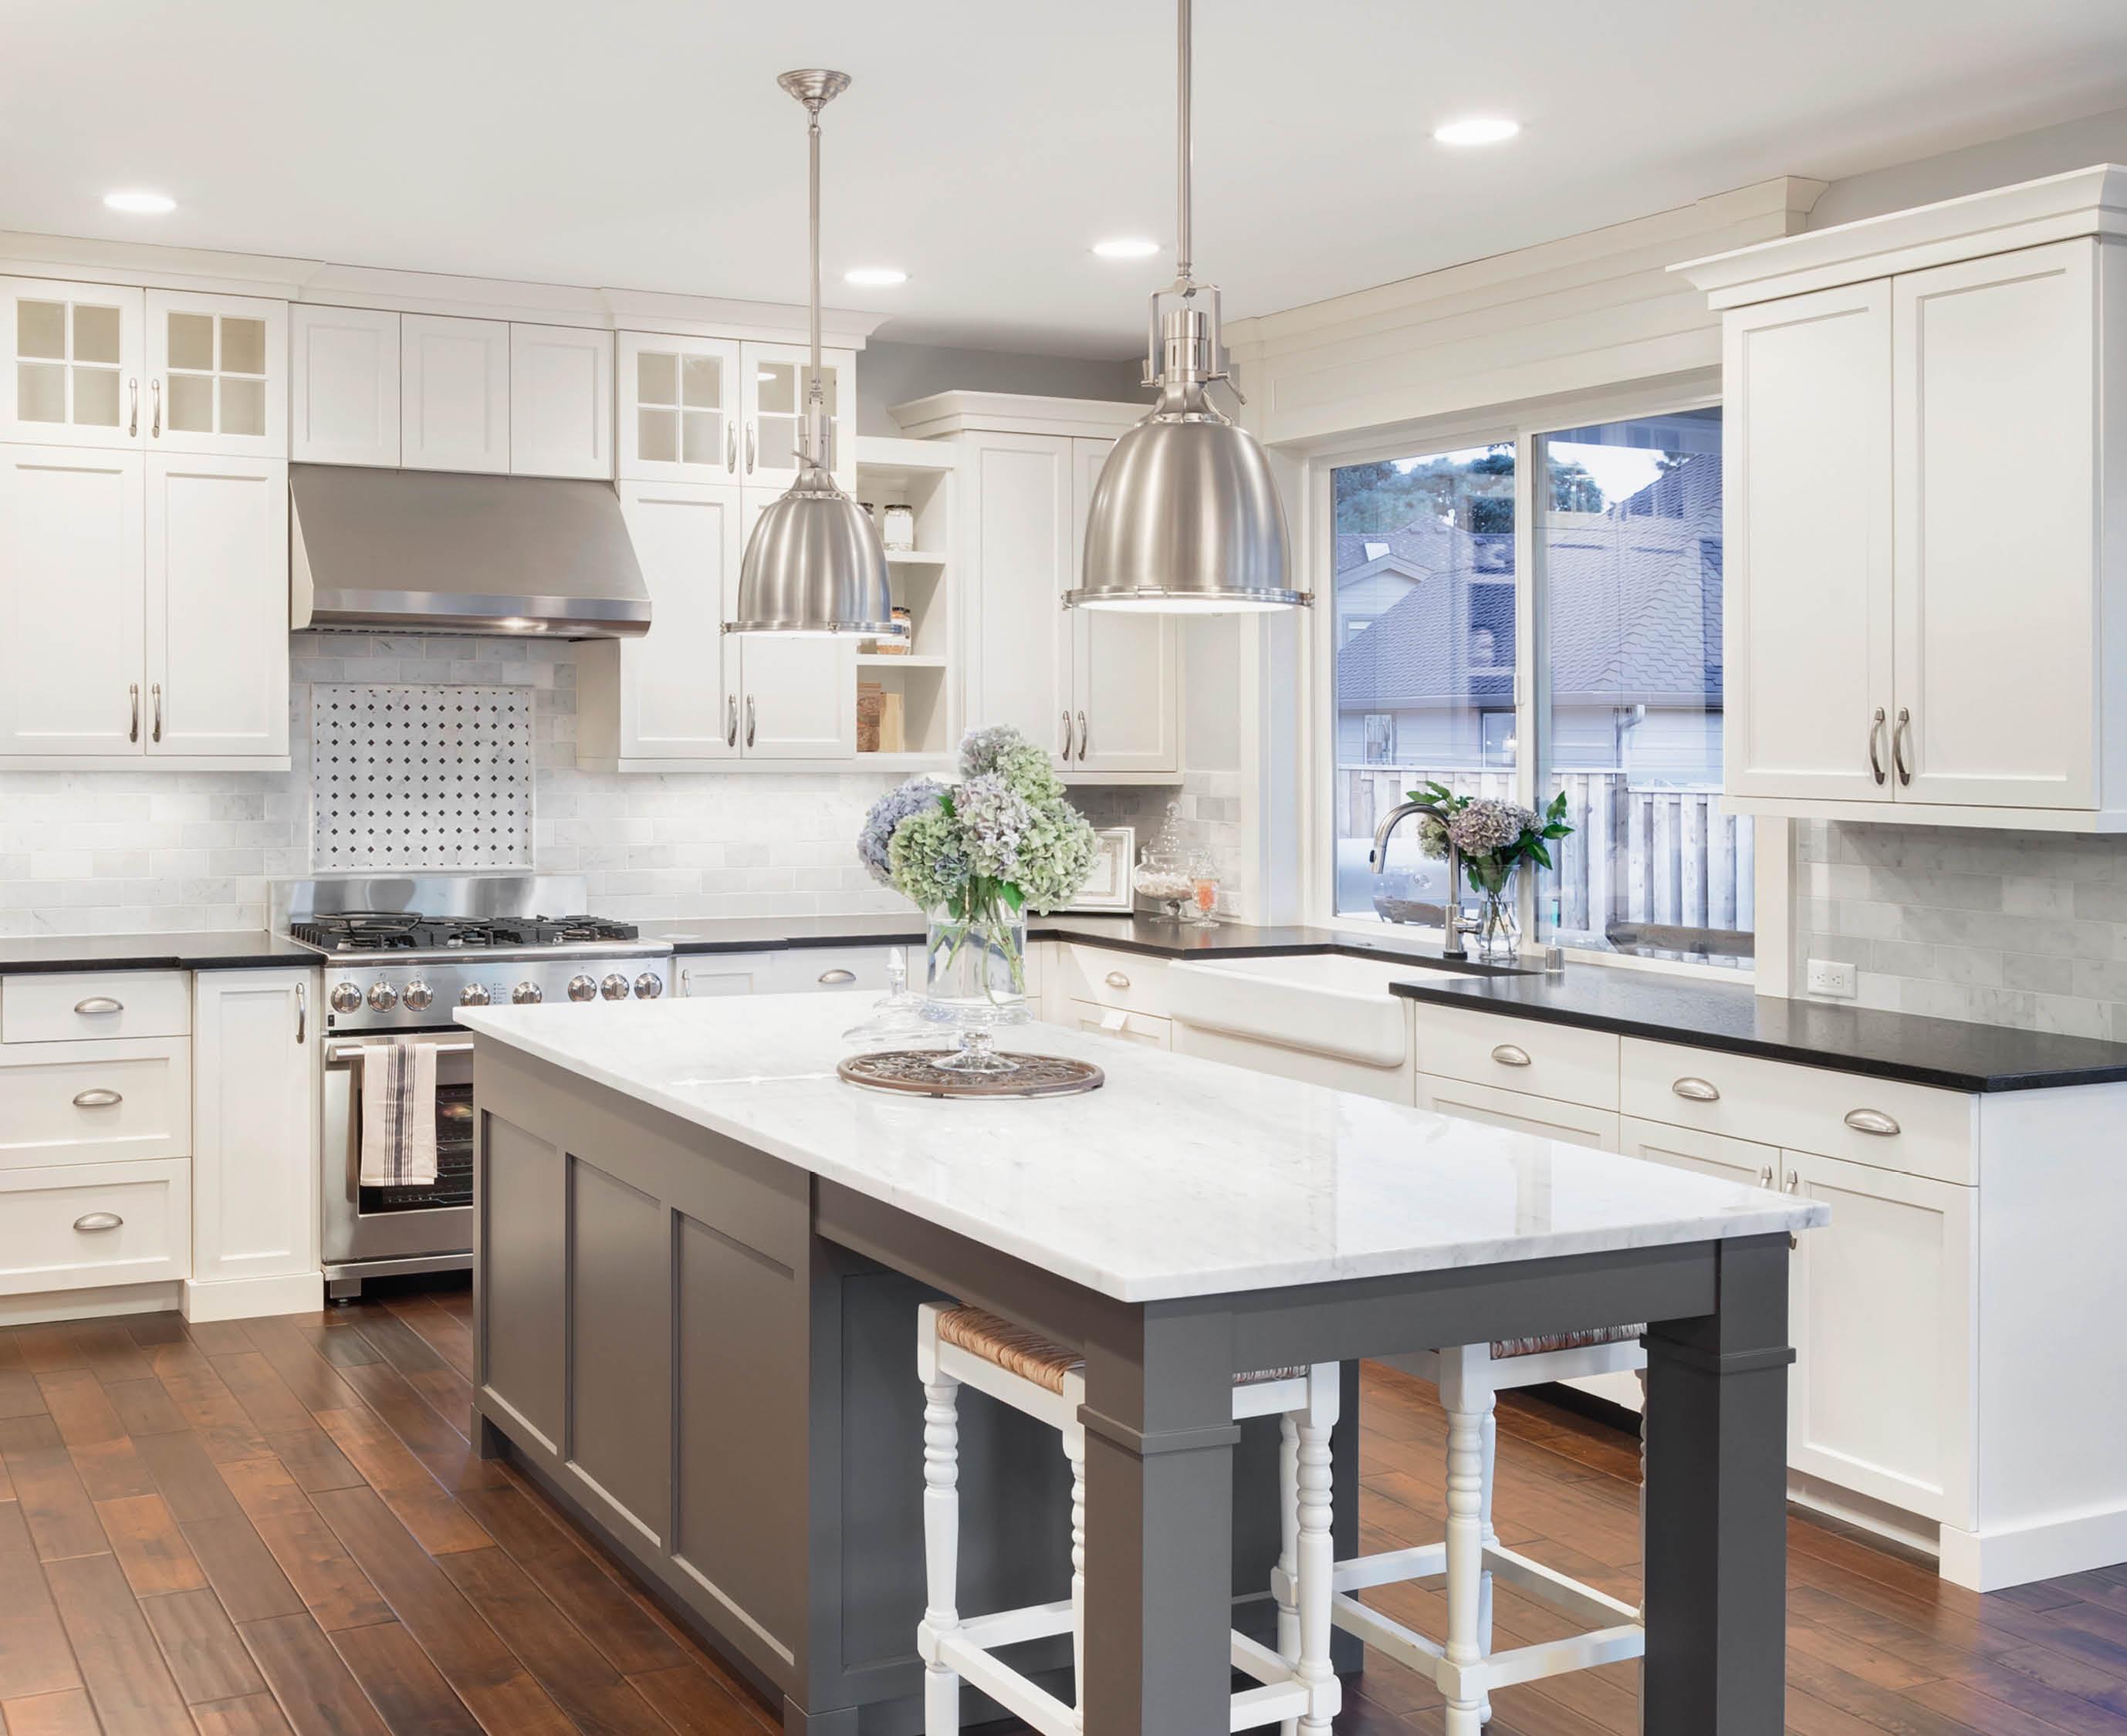 home remodeling,renovations,home construction,delaware, kitchen, bathroom, install, tile, tube, sink, shower, remodeling, decks